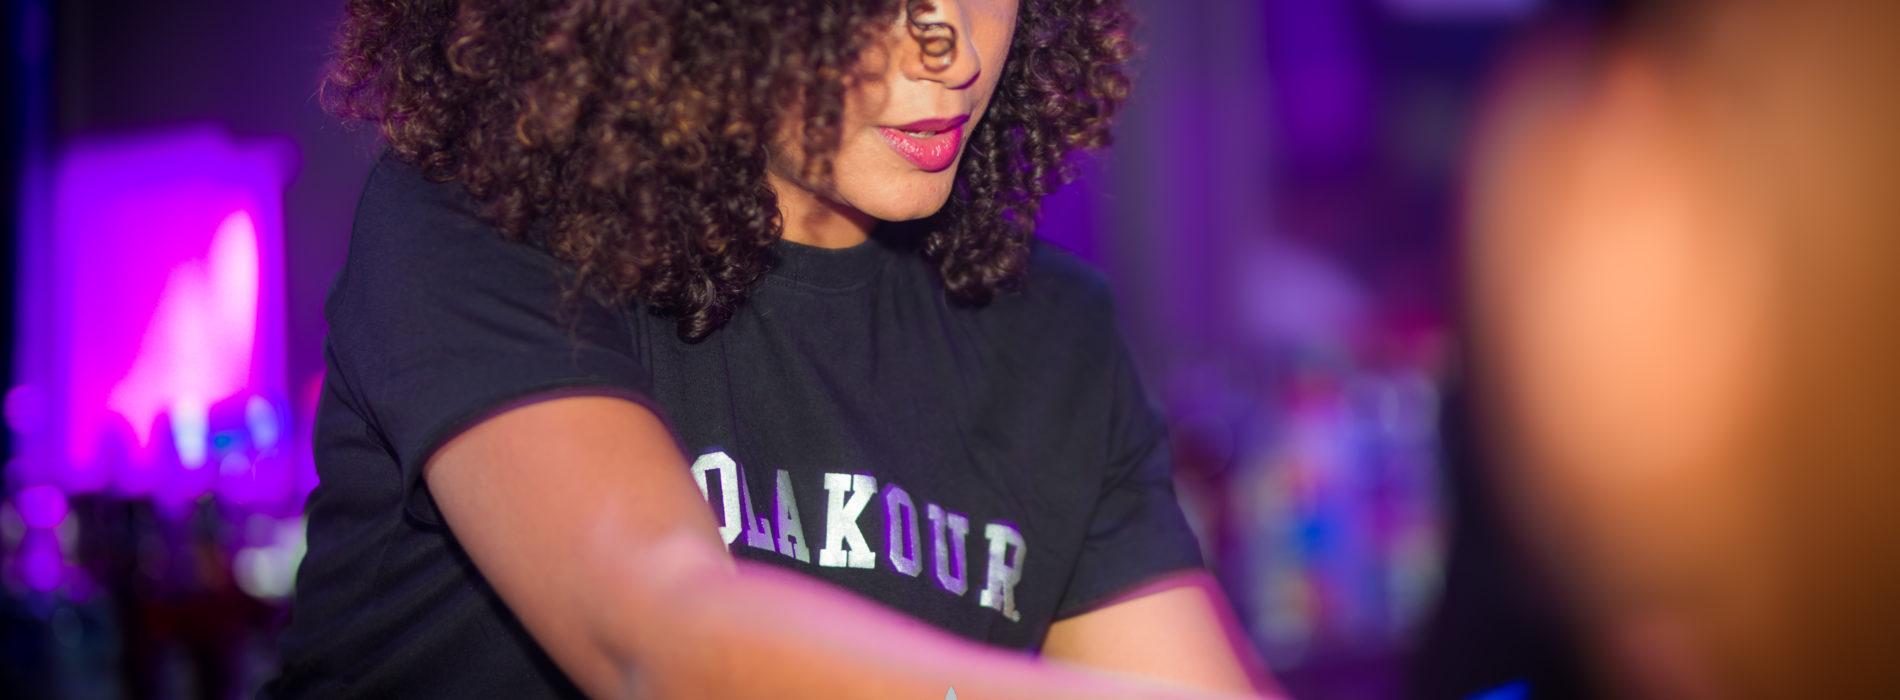 Découvre les Photos de La Soirée Coqlakour du 19 Octobre 2019 au Redlight PARIS . Prochaine soirée Coqlakour le 21 Décembre 2019 au Redlight Paris .